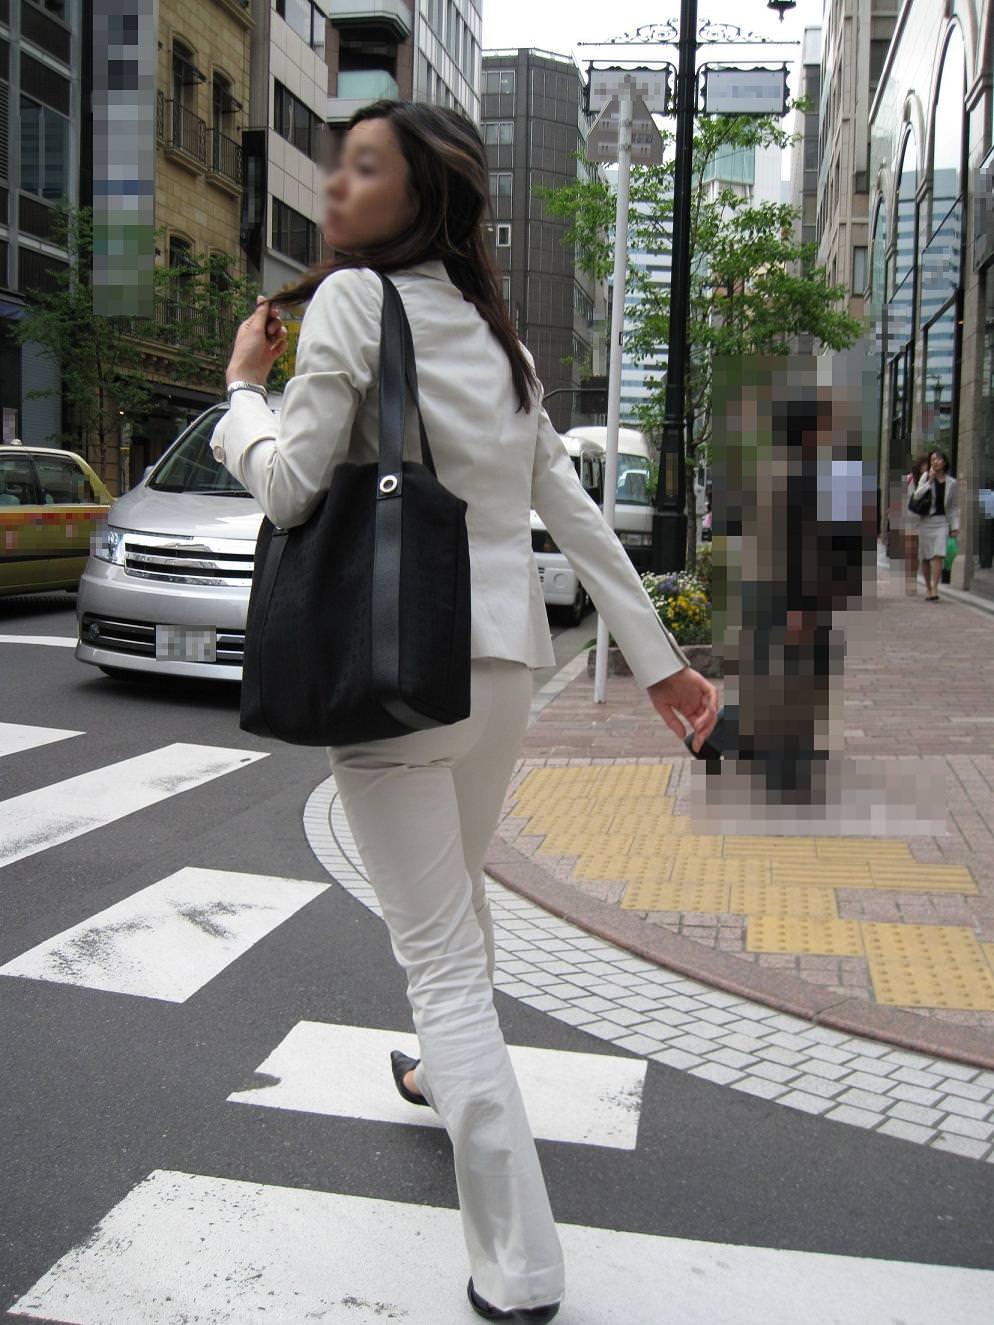 お尻のラインがくっきりハッキリしてる街撮り画像!!!!!!!! 2501